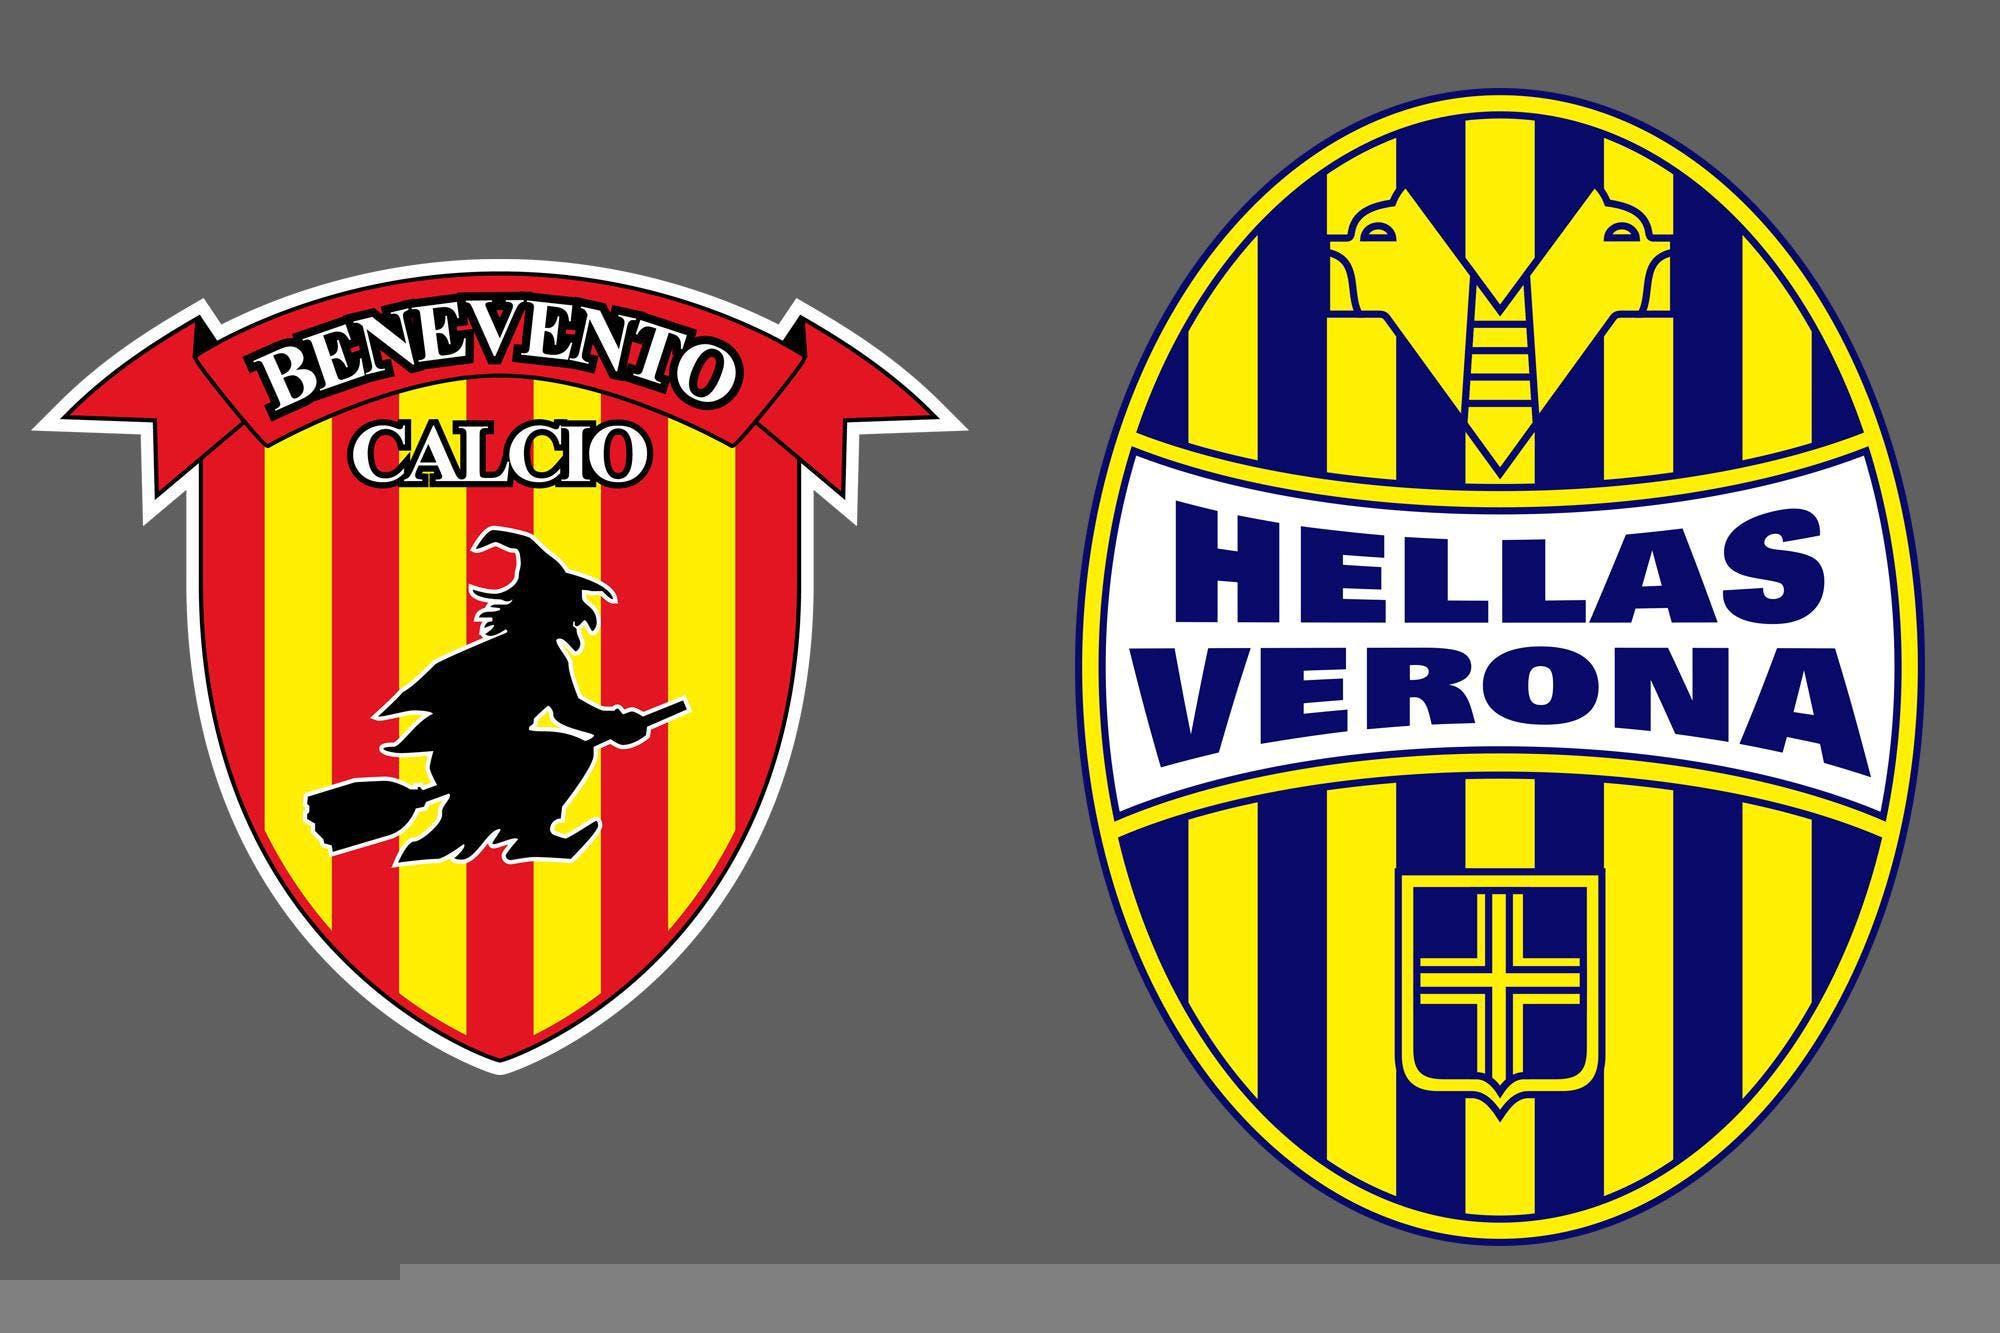 benevento-–-verona,-serie-a-de-italia:-el-partido-de-la-jornada-25